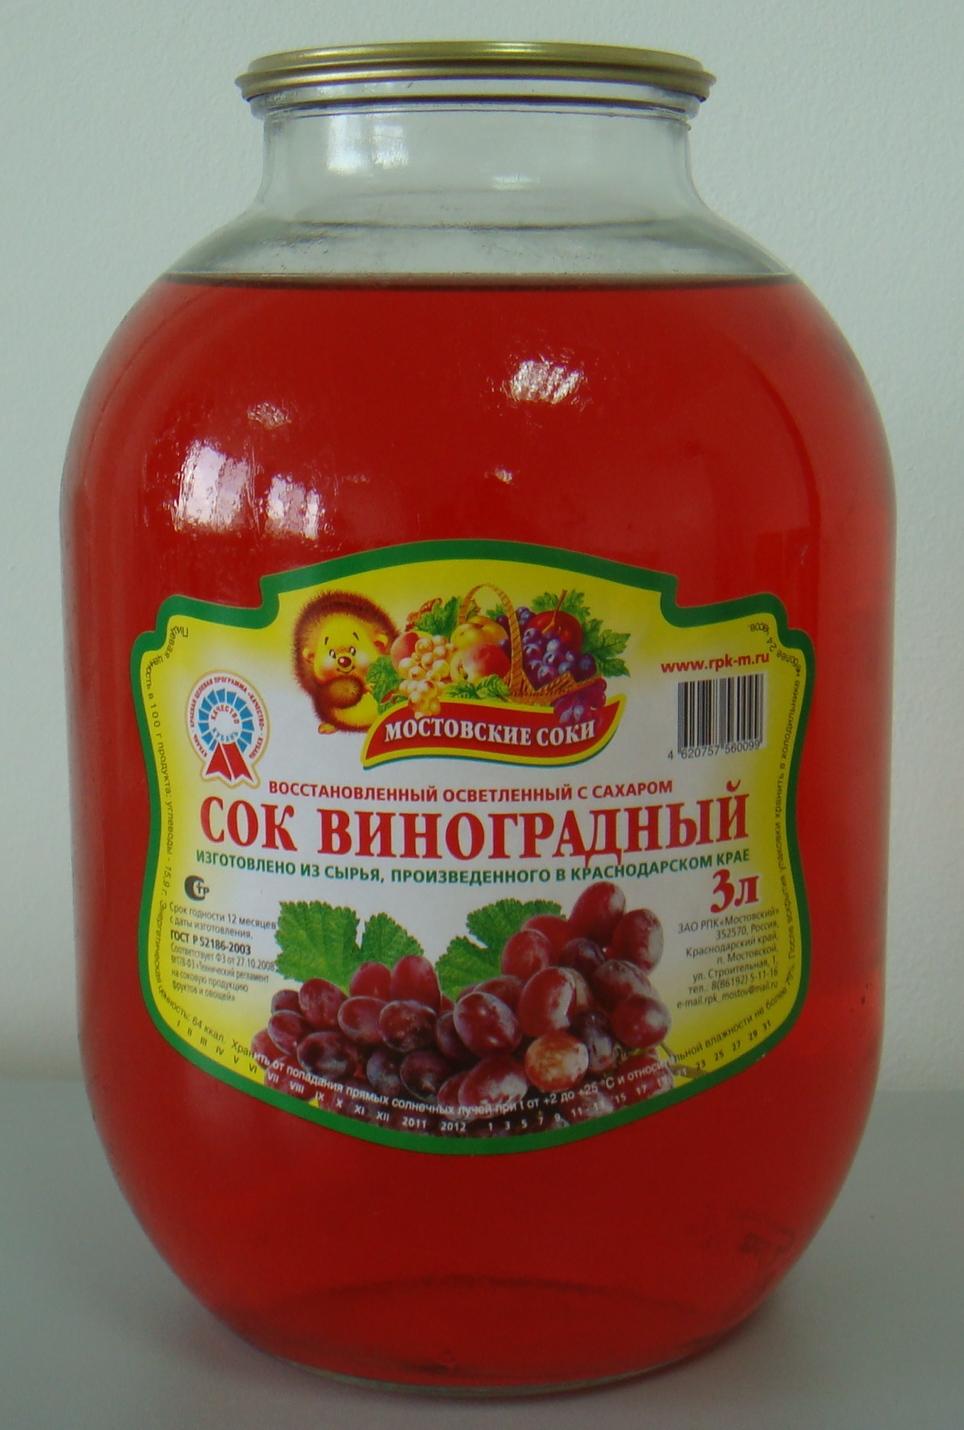 """Сок виноградный осветленный с сахаром 3 литра (из красного винограда) """"Мостовские соки"""""""